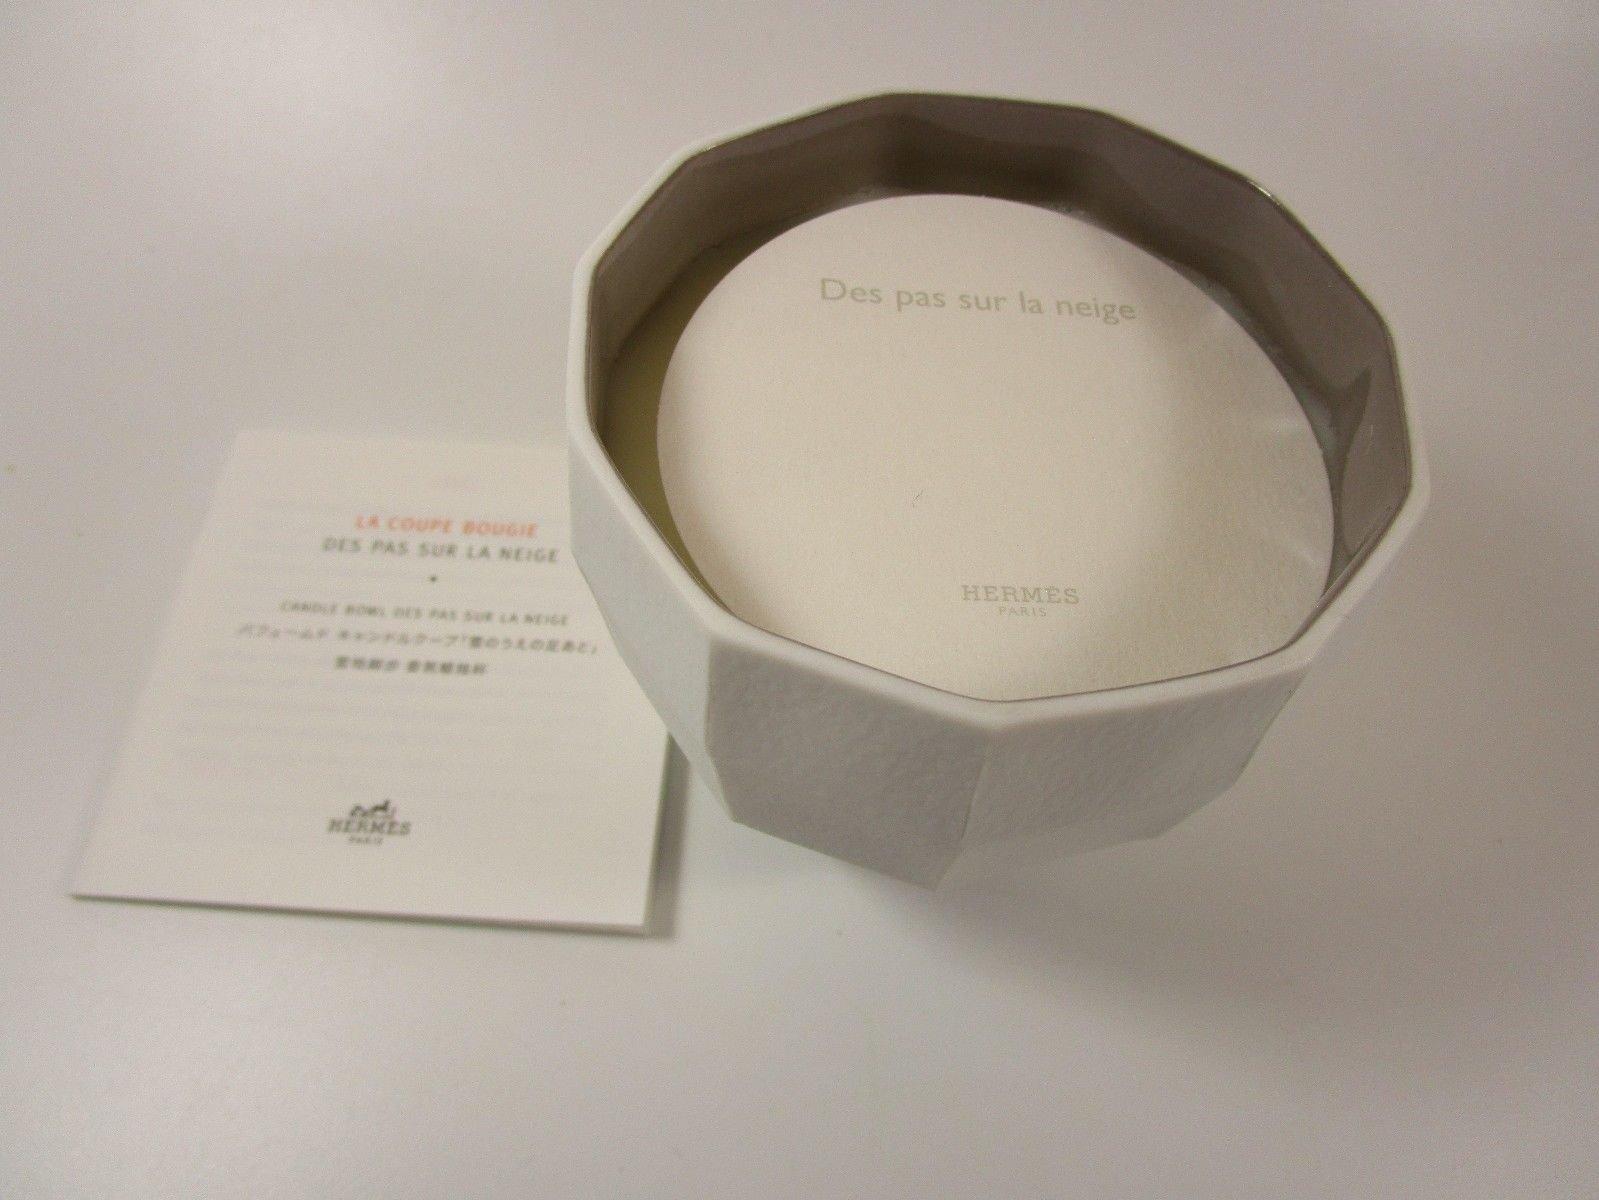 HERMES Le Parfum de la Maison Bougie Scented Candle Bowl 5 Wick DES PAS SUR LA NEIGE Jumbo Size